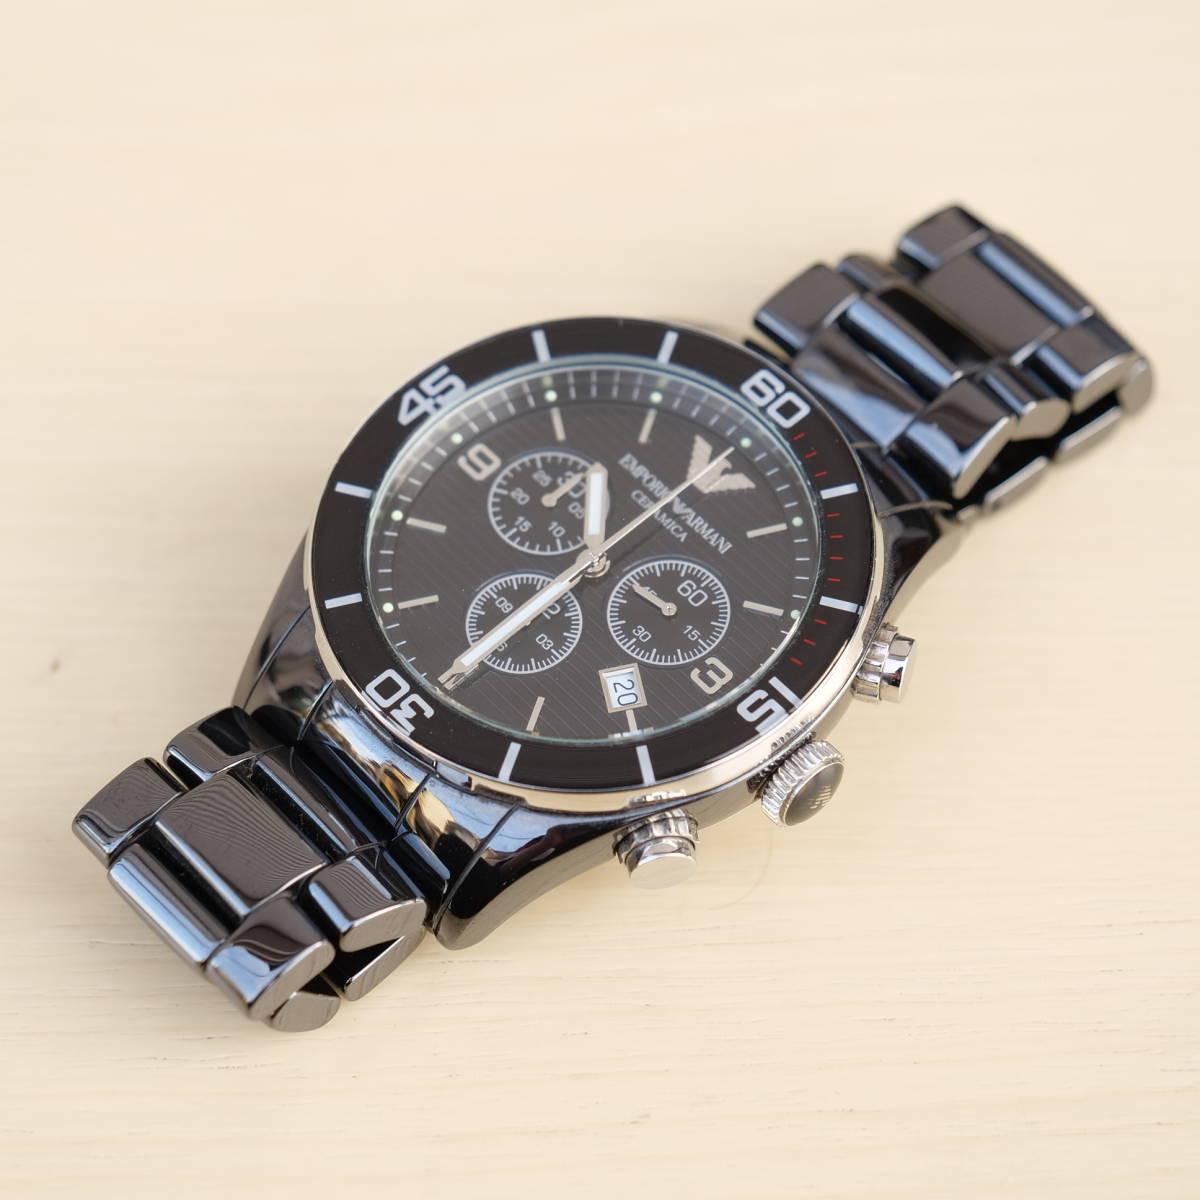 エンポリオアルマーニ 腕時計 AR-1421 EMPORIO ARMANI拍卖